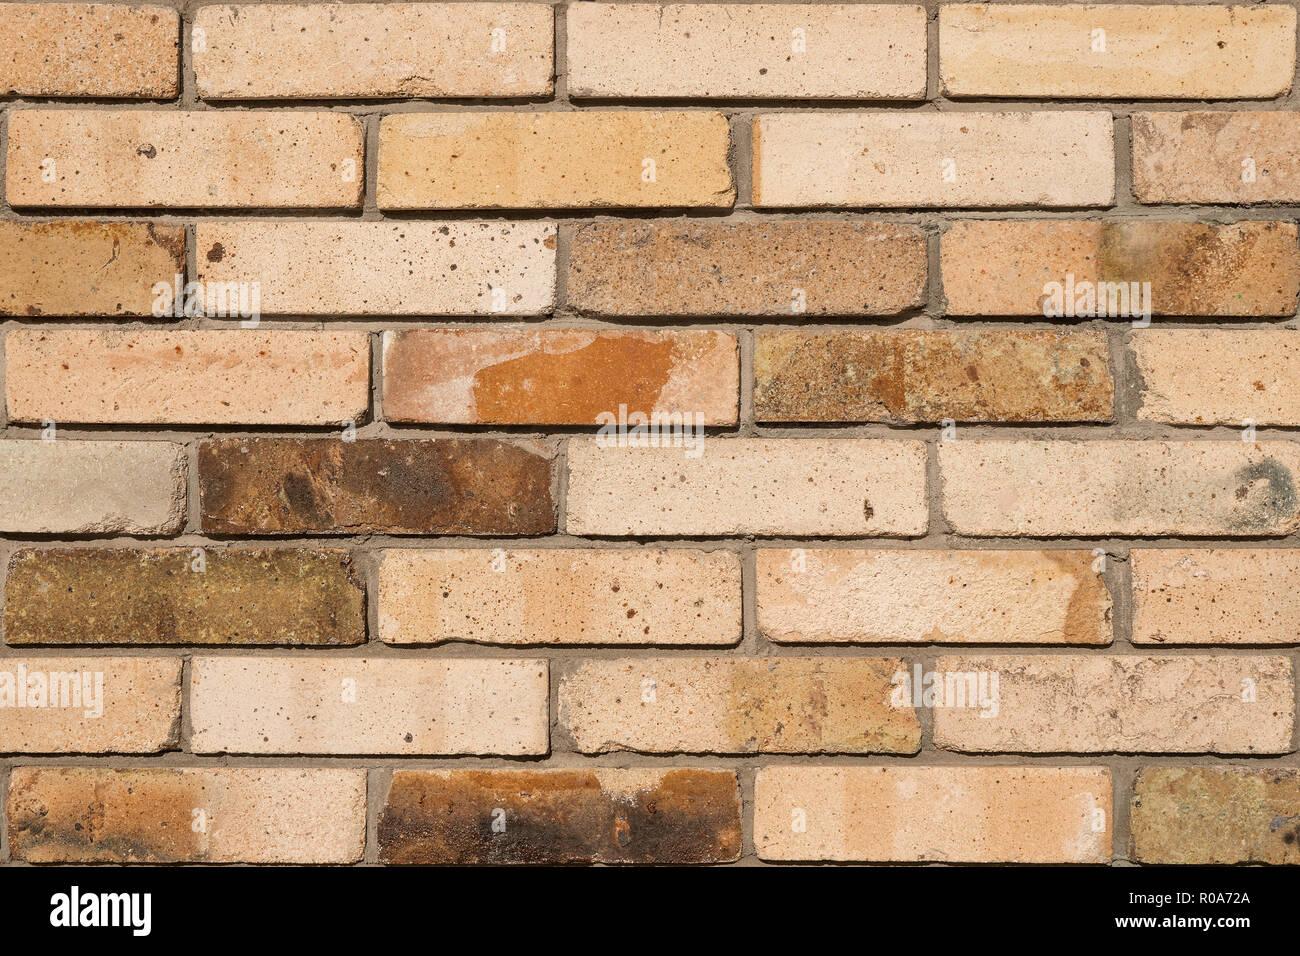 Detaillierte alten Orange brick wall Hintergrund Foto Textur Stockbild